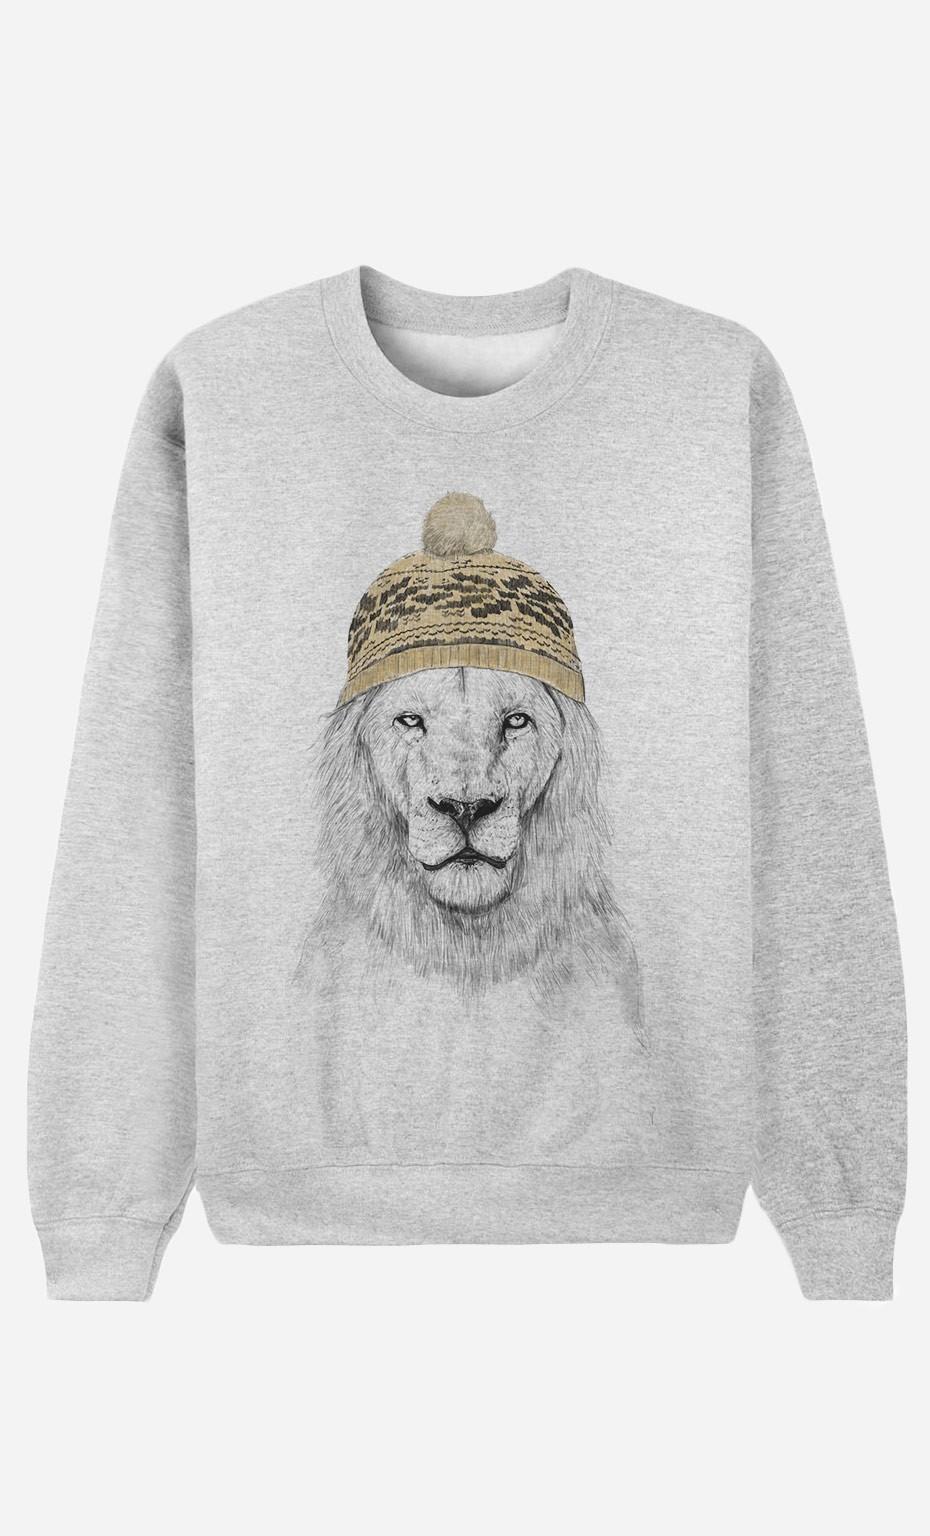 Sweatshirt Winter Is Coming